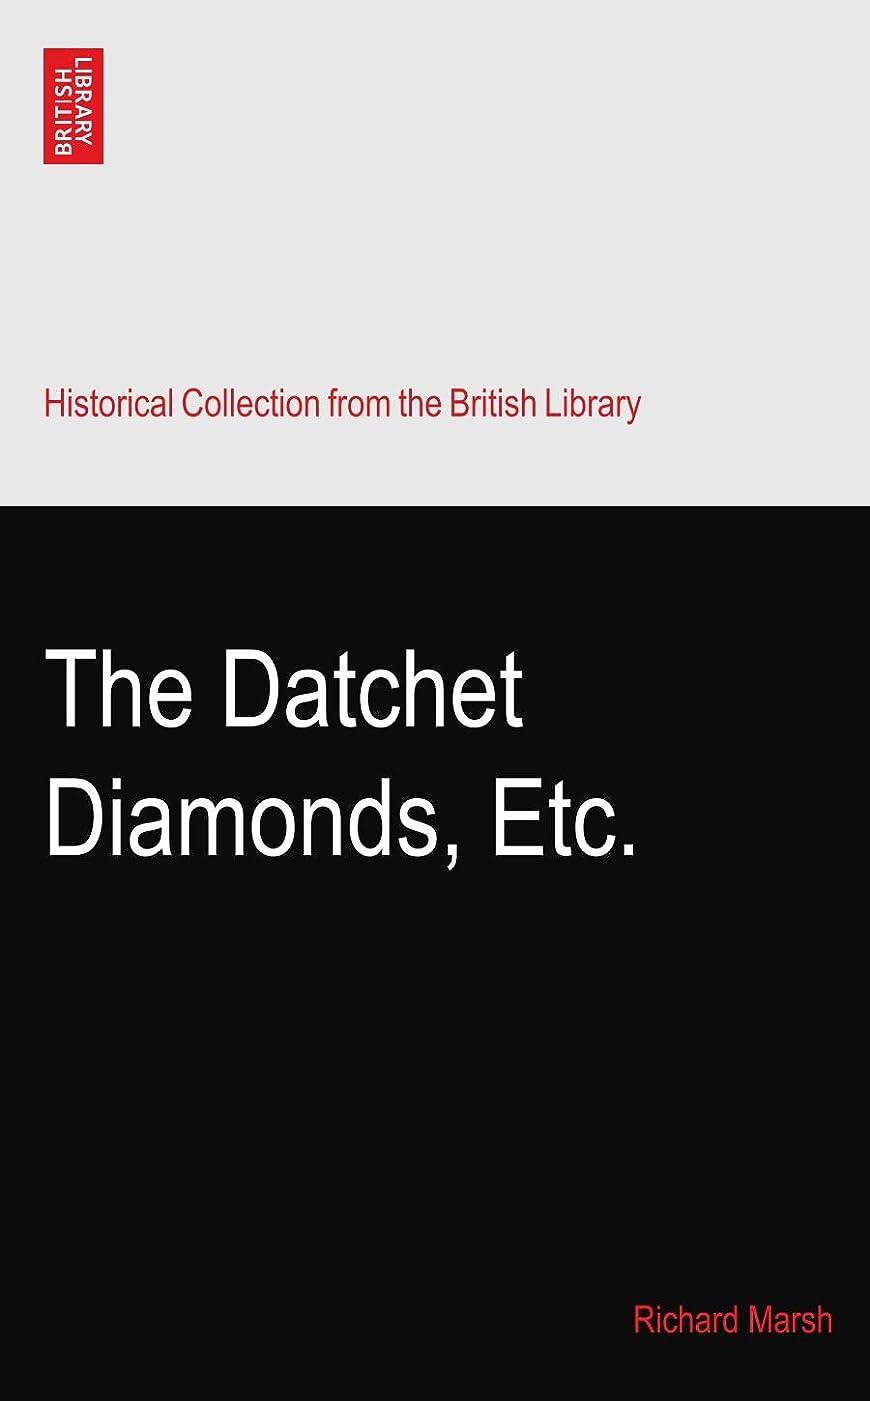 素朴な合併症迅速The Datchet Diamonds, Etc.